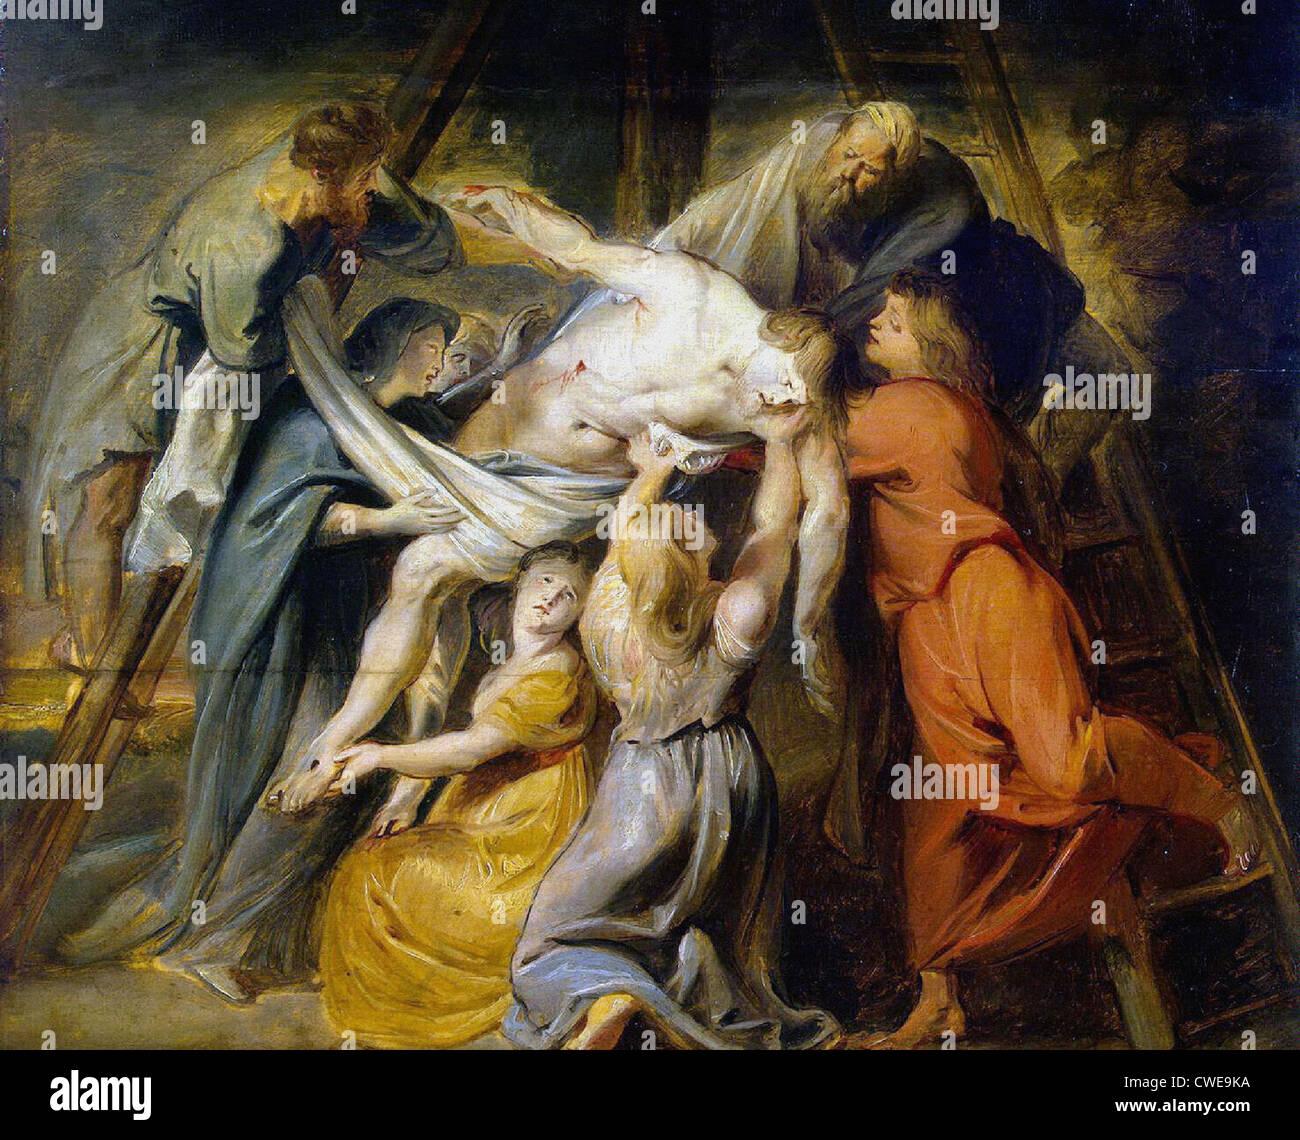 Peter-Paul Rubens Discesa dalla Croce 1614 Shuvalov Casa Museo di San Pietroburgo, Pittura olio su pannello, 48.7x52 Immagini Stock